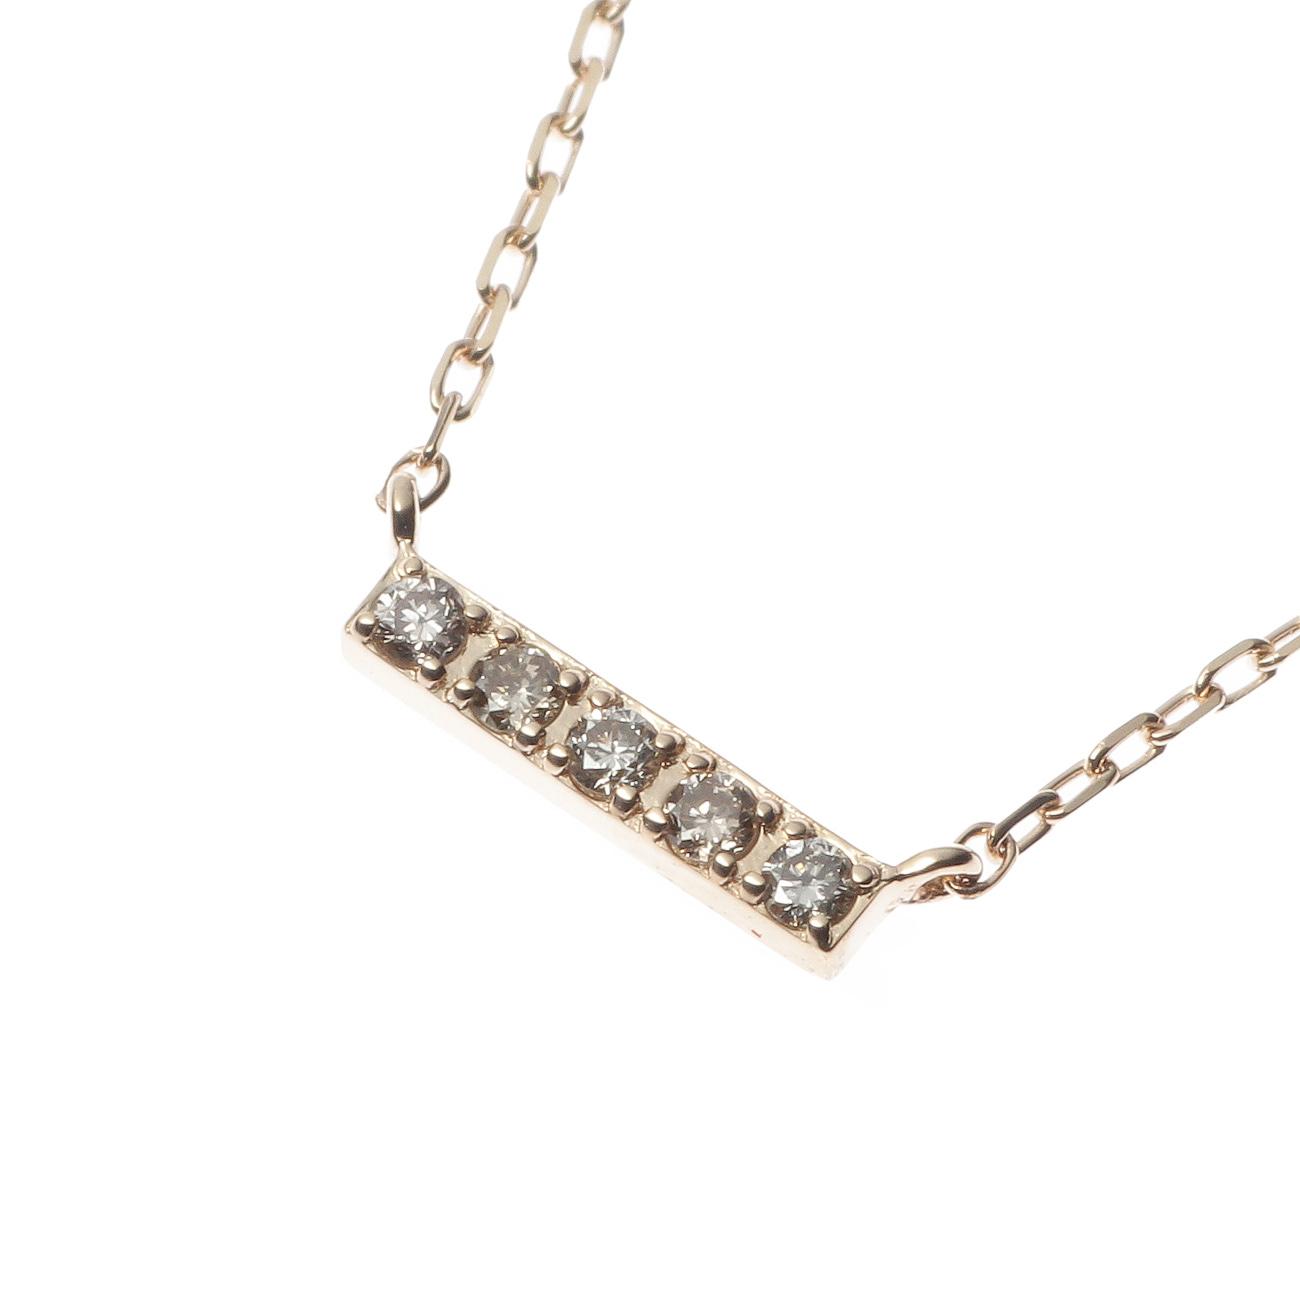 【COCOSHNIK (ココシュニック)】レクタングルダイヤモンド横バー ネックレスレディース ジュエリー|ネックレス イエローゴールド